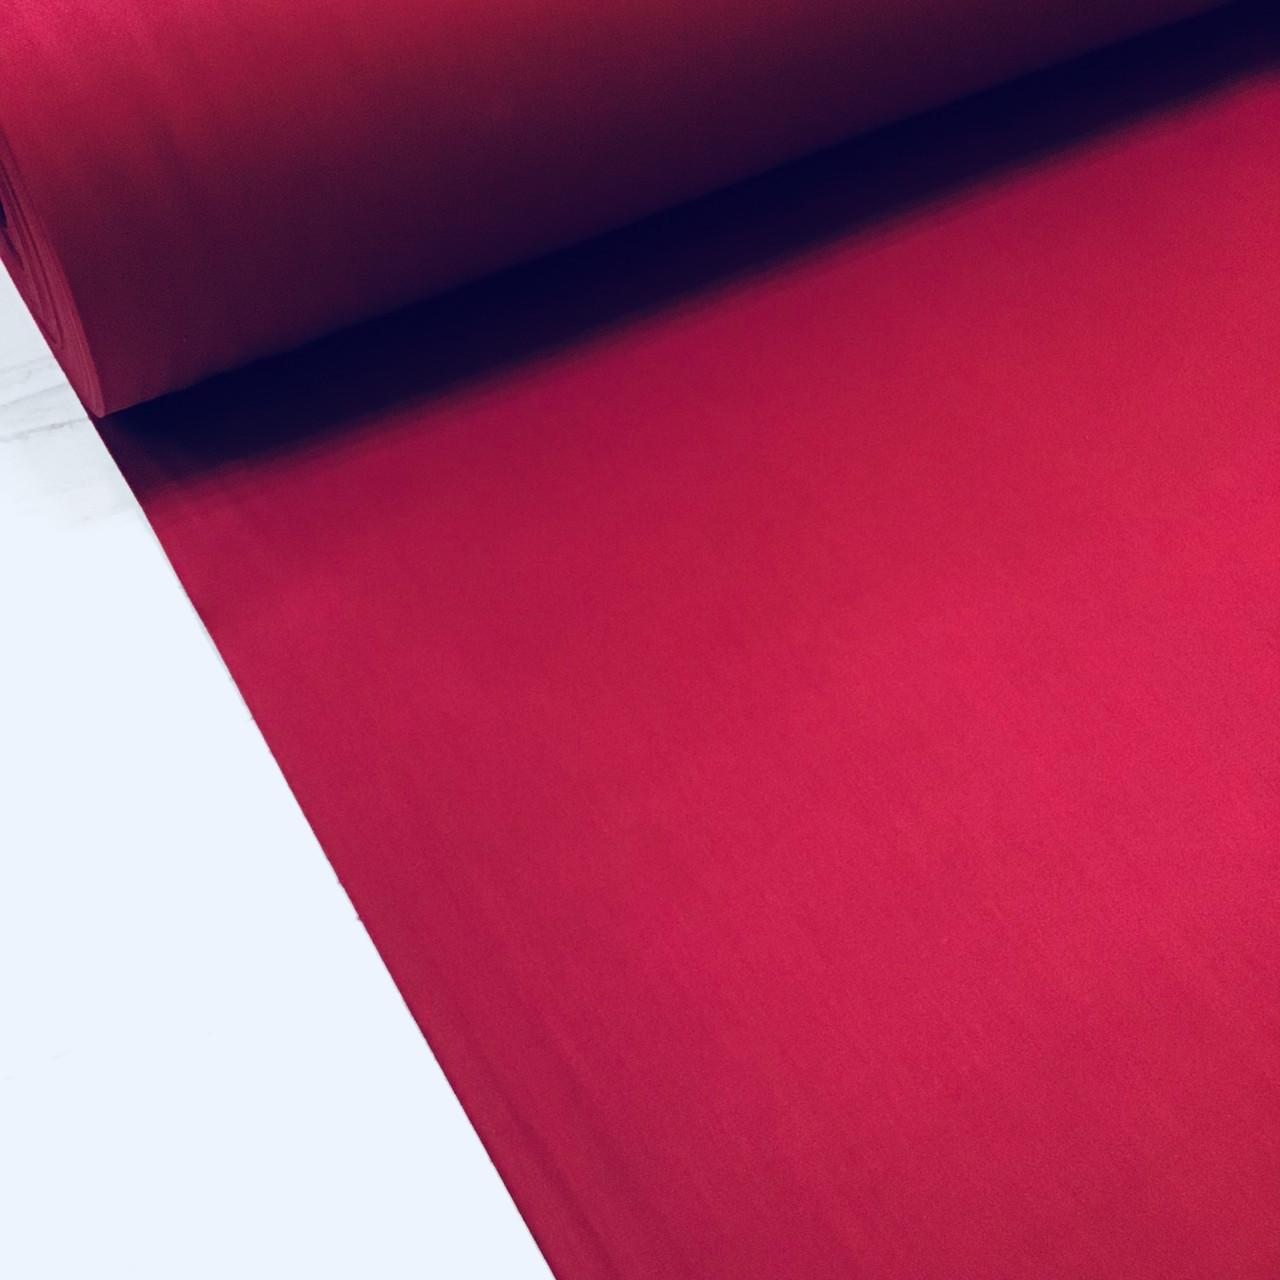 Сатин вишневый для постельного белья, мерсеризованный (ТУРЦИЯ) ОТРЕЗ (размер 0,68*2,4м)